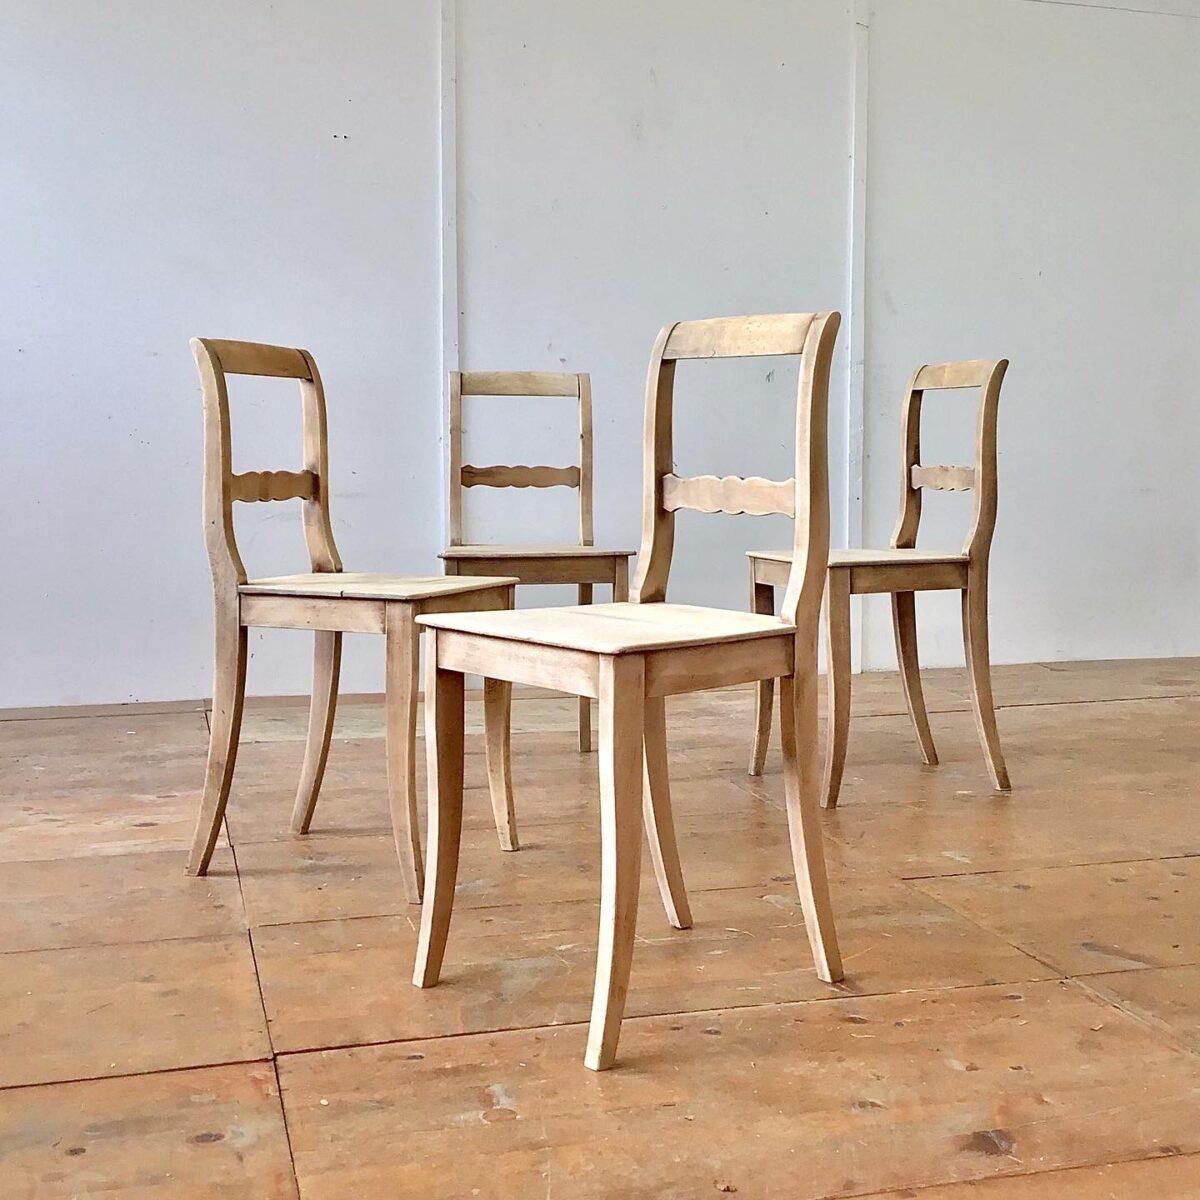 Deuxieme.shop alte Stühle Beizenstühle Holzstühle Klassische Biedermeier Stühle aus Buchenholz. Die spezielle matt-helle frische, gepaart mit den Altersspuren und Patina hat uns veranlasst die Stühle unbehandelt zu lassen.